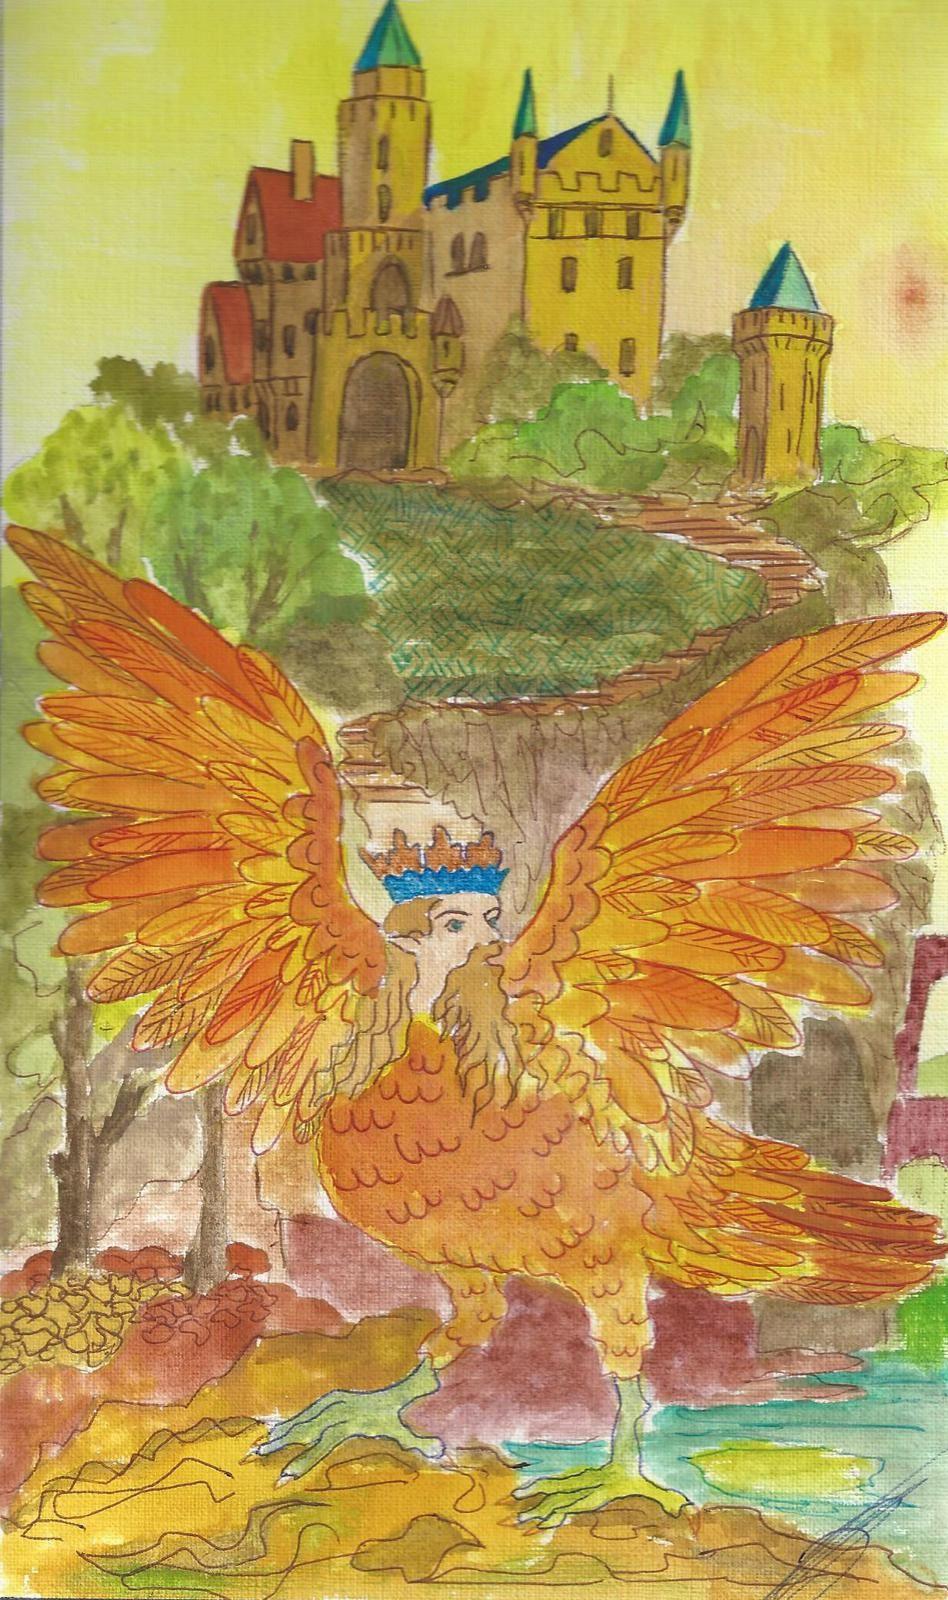 Le roi des oiseaux et son château